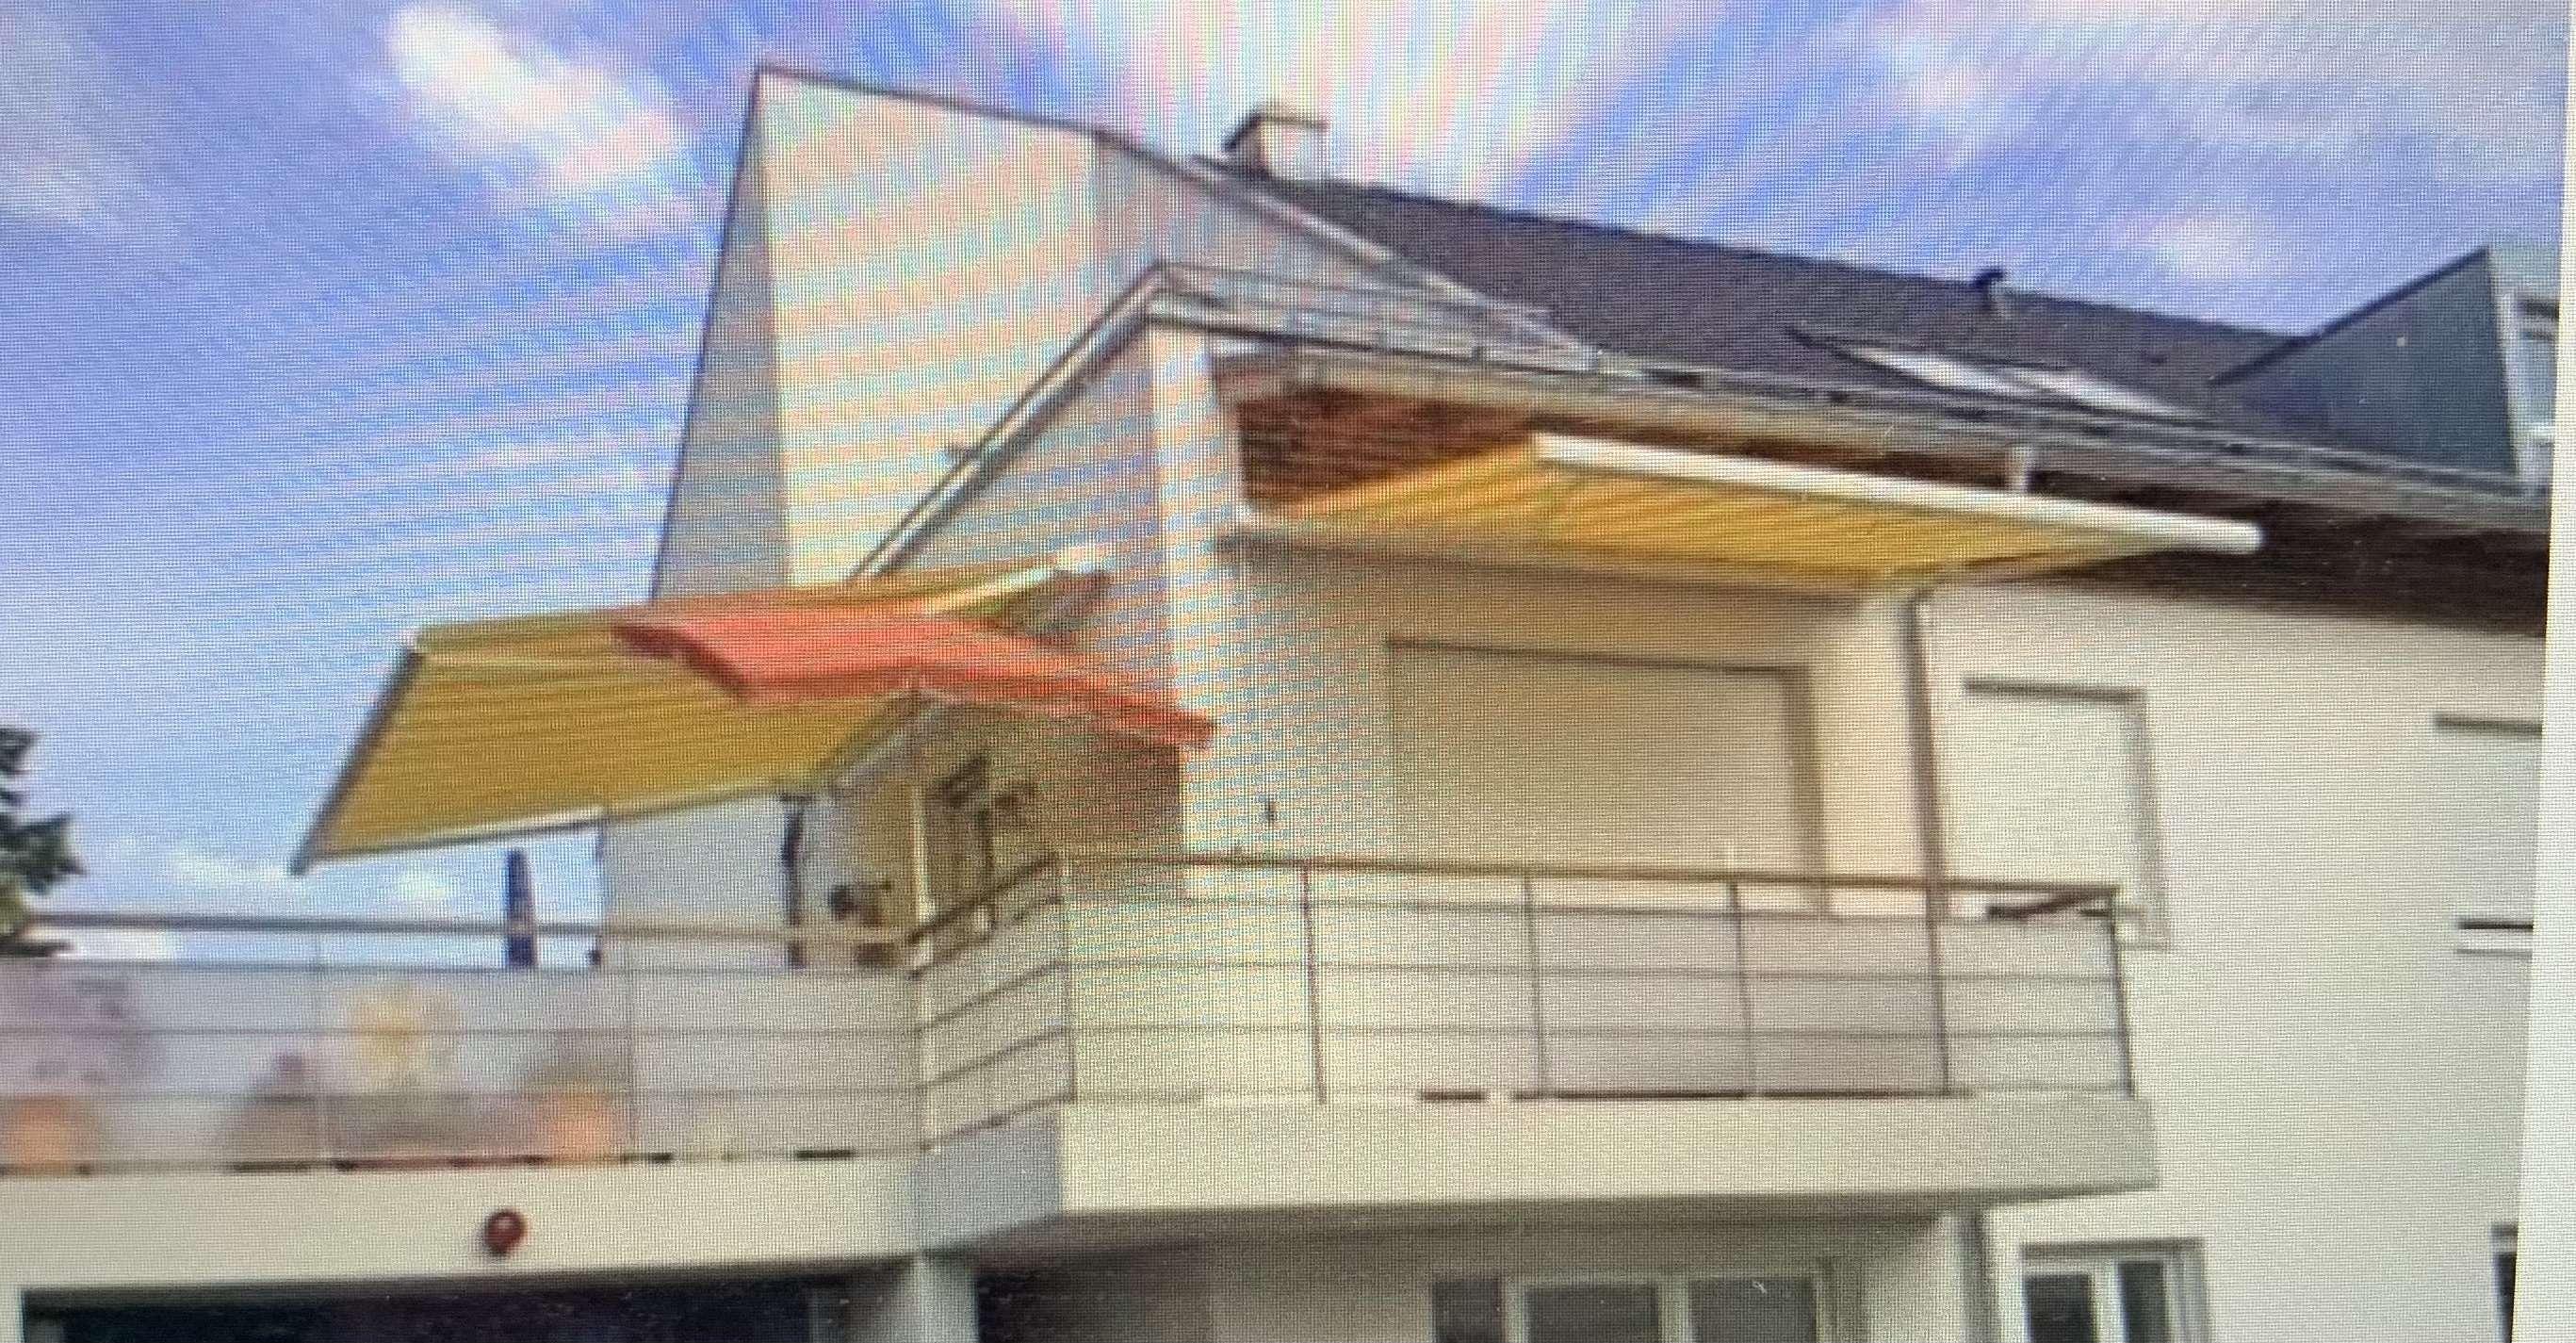 Stilvolle 3-Zimmer-Wohnung mit großzügigem Balkon in Fürstenfeldbruck in